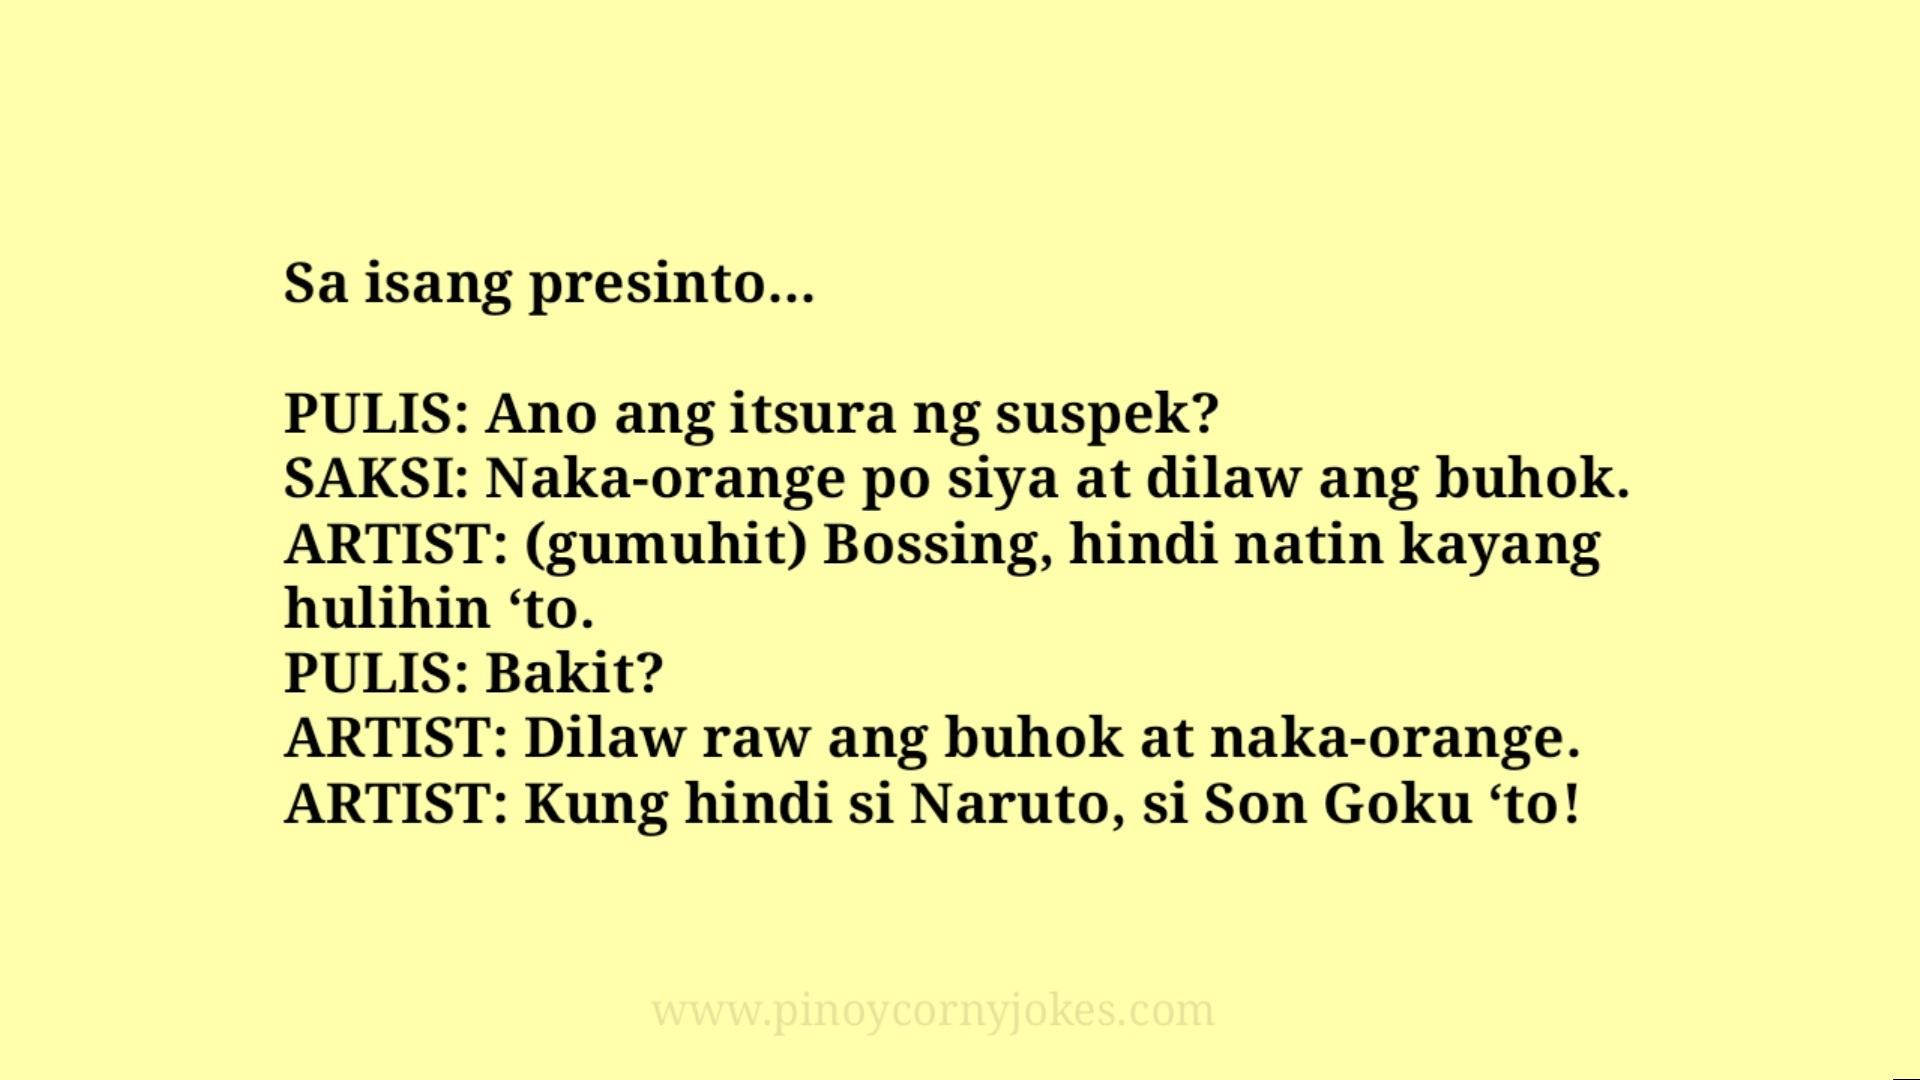 son goku best pinoy jokes pulis 2021